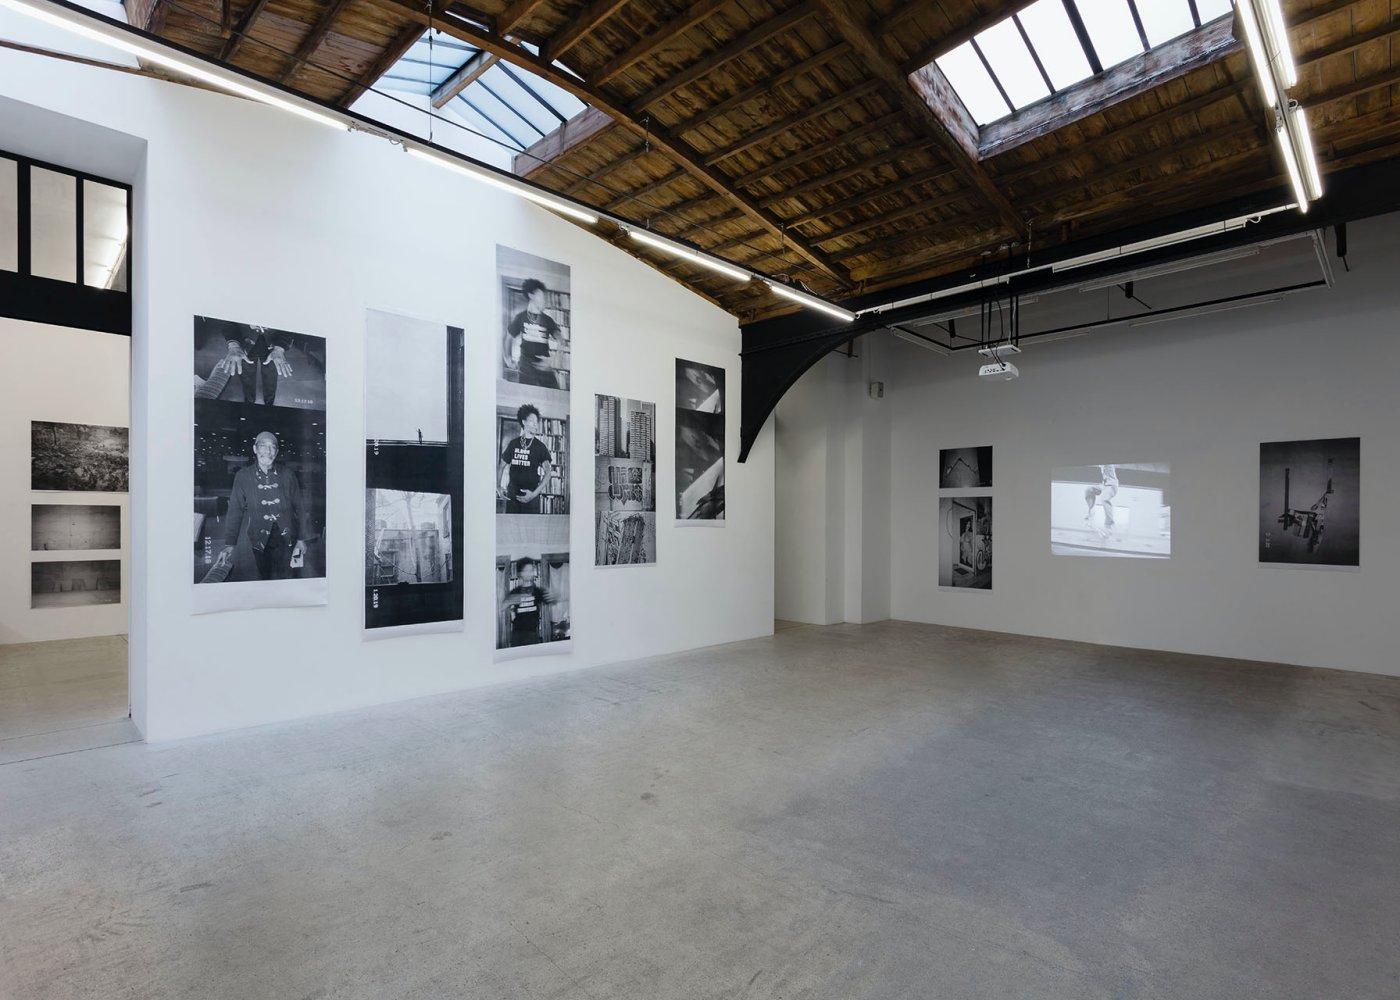 Galerie Frank Elbaz Ari Marcopoulos 3